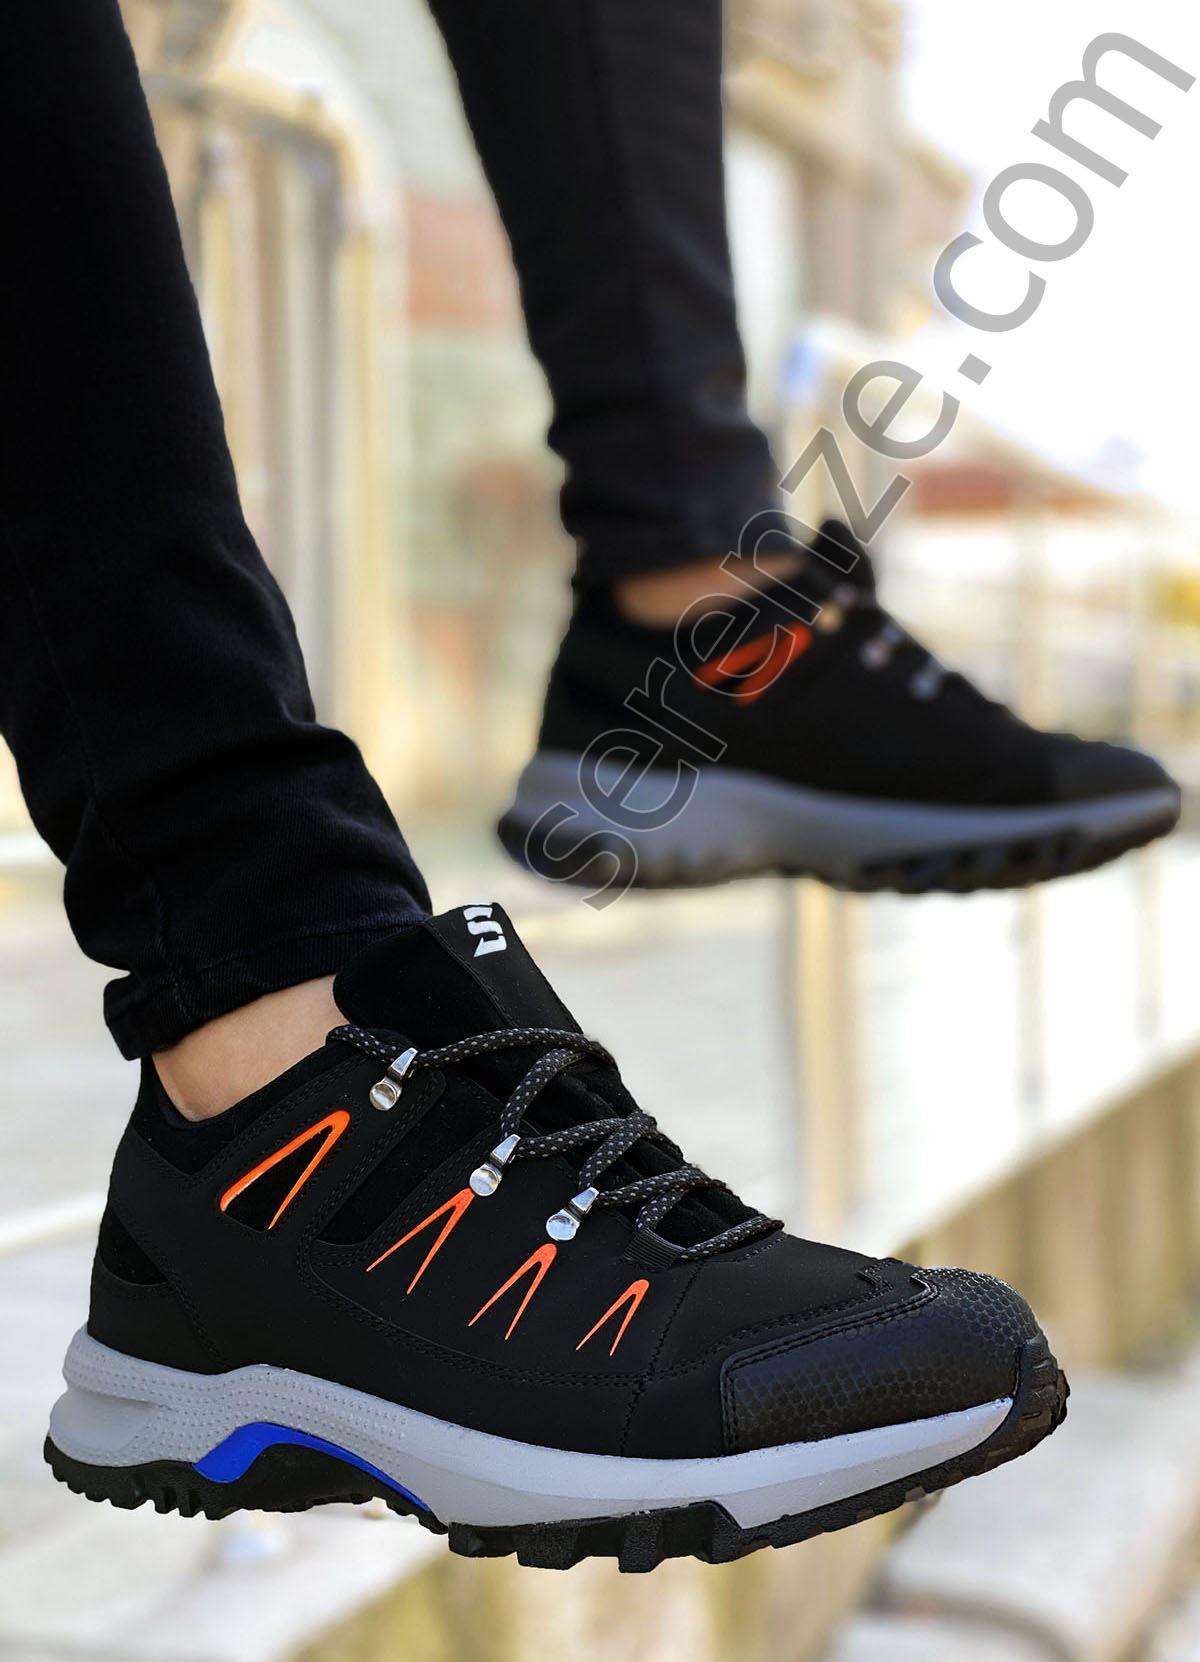 Siyah Turuncu Süper Strong Trekking Erkek Ayakkabı